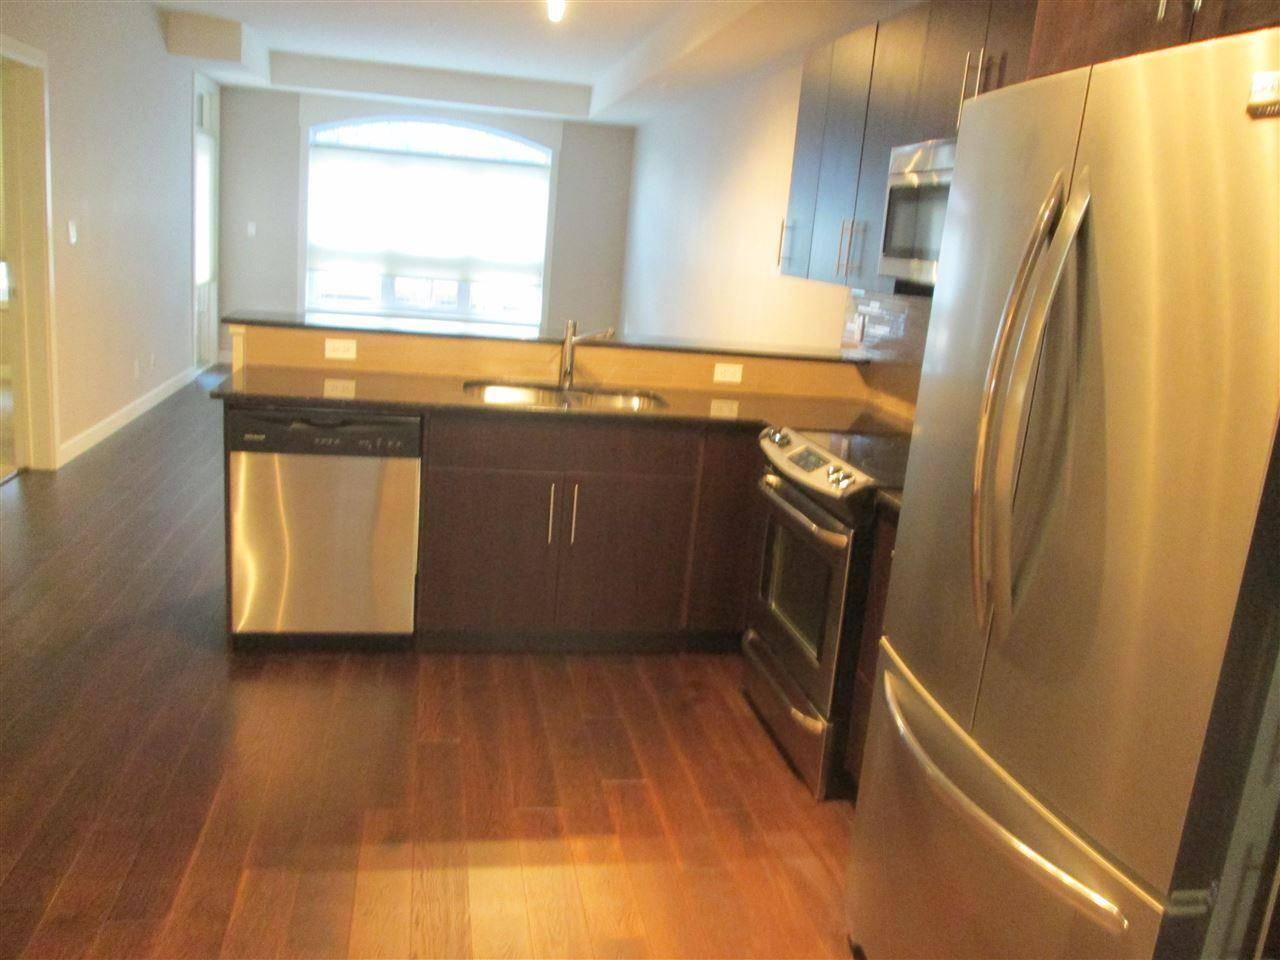 Condo for sale at 10811 72 Ave Nw Unit 205 Edmonton Alberta - MLS: E4195466